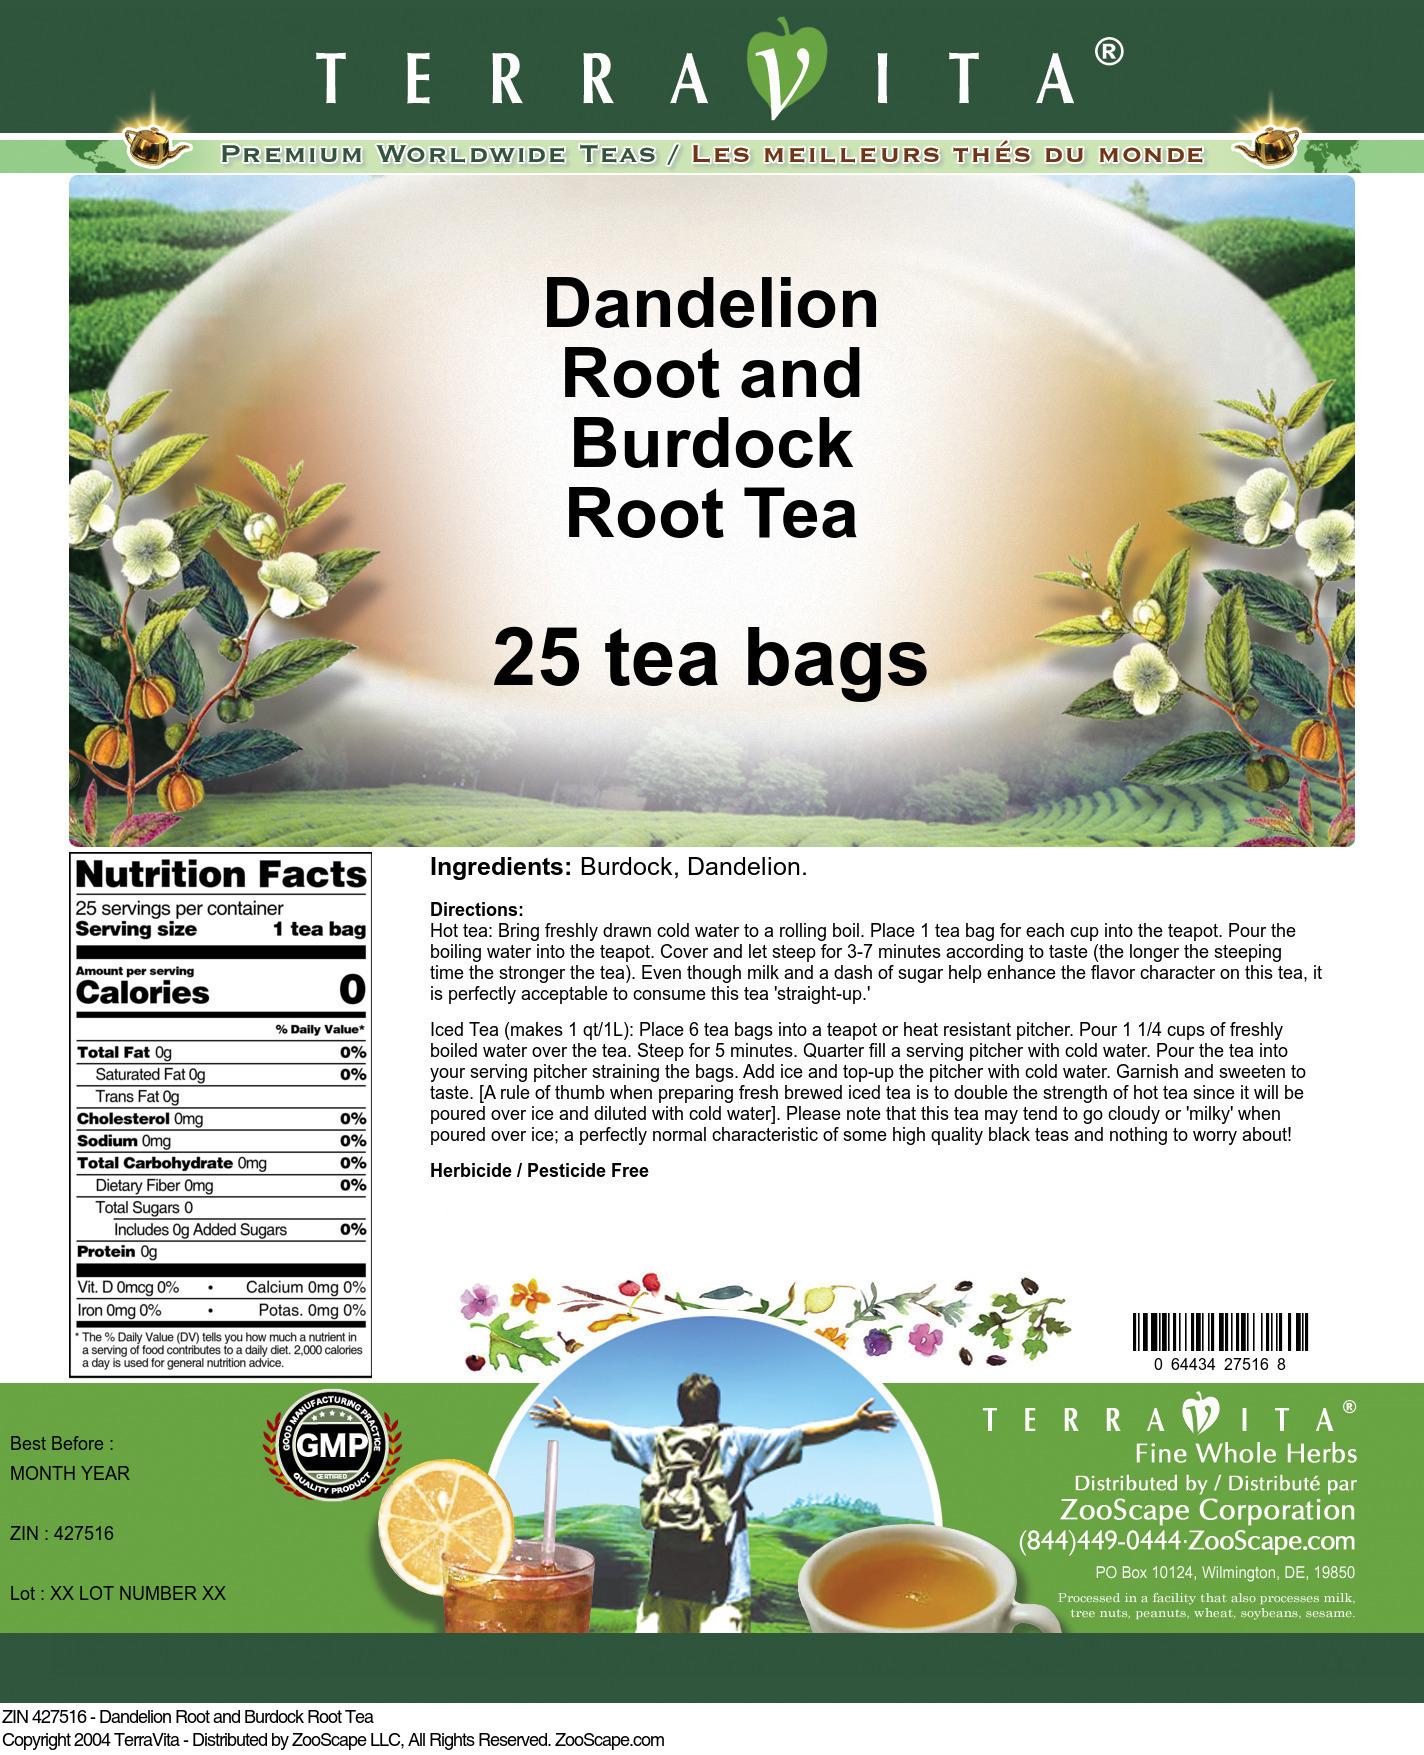 Dandelion Root and Burdock Root Tea - Label